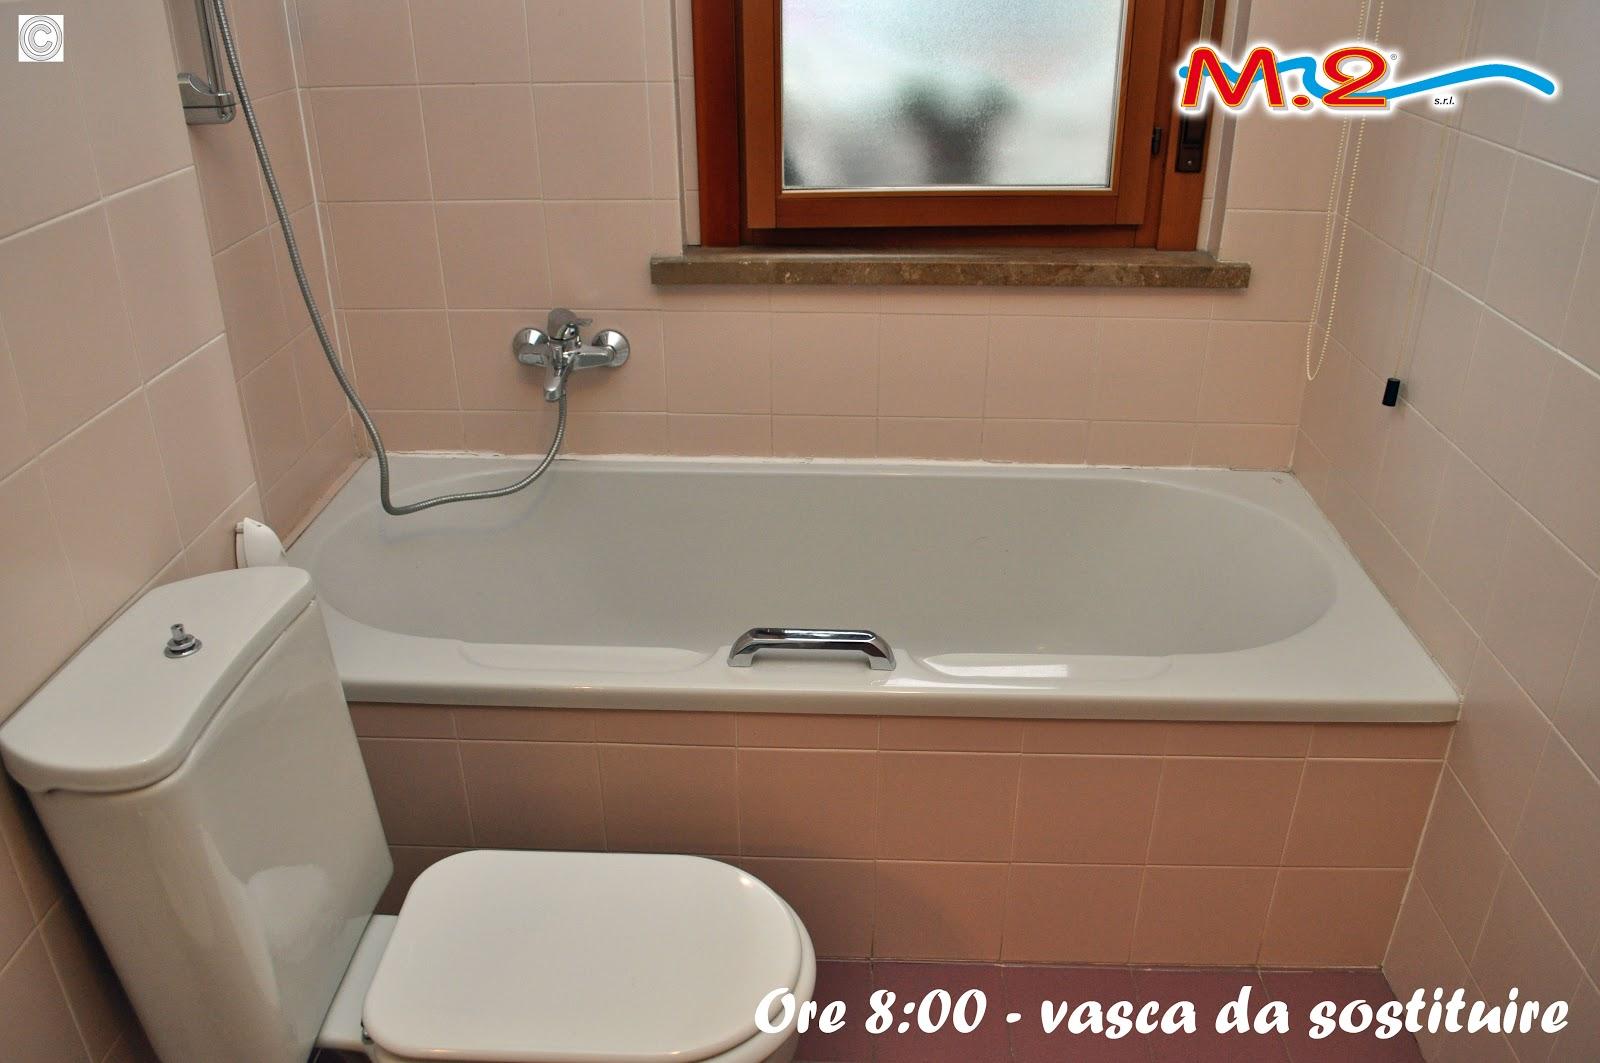 Sostituzione vasca da bagno in 3 muri con piatto doccia e anta di ...